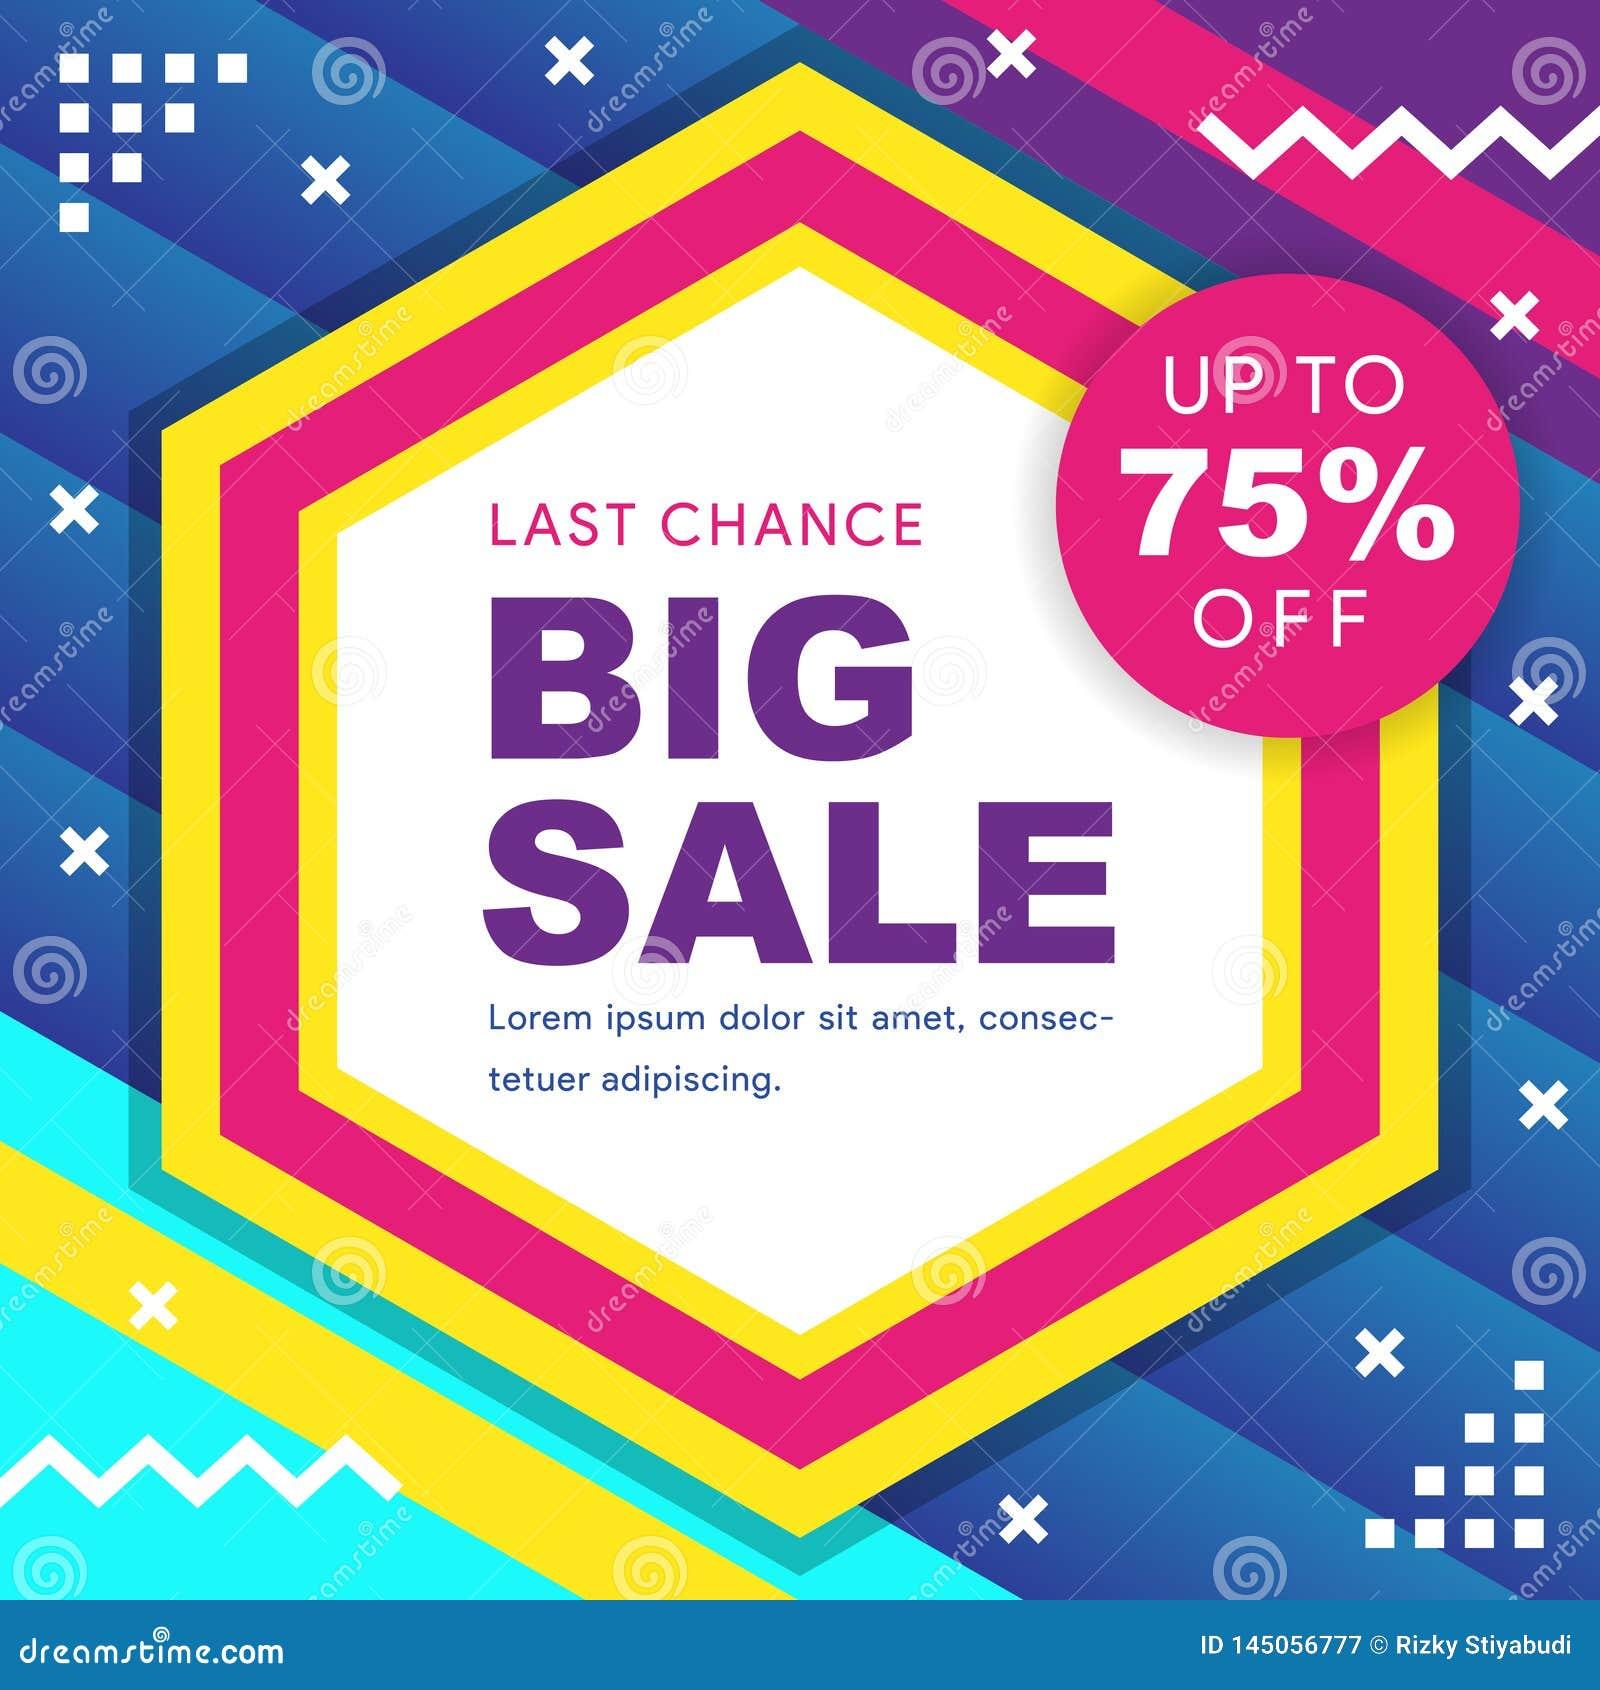 Big sale banner. Vector illustration.